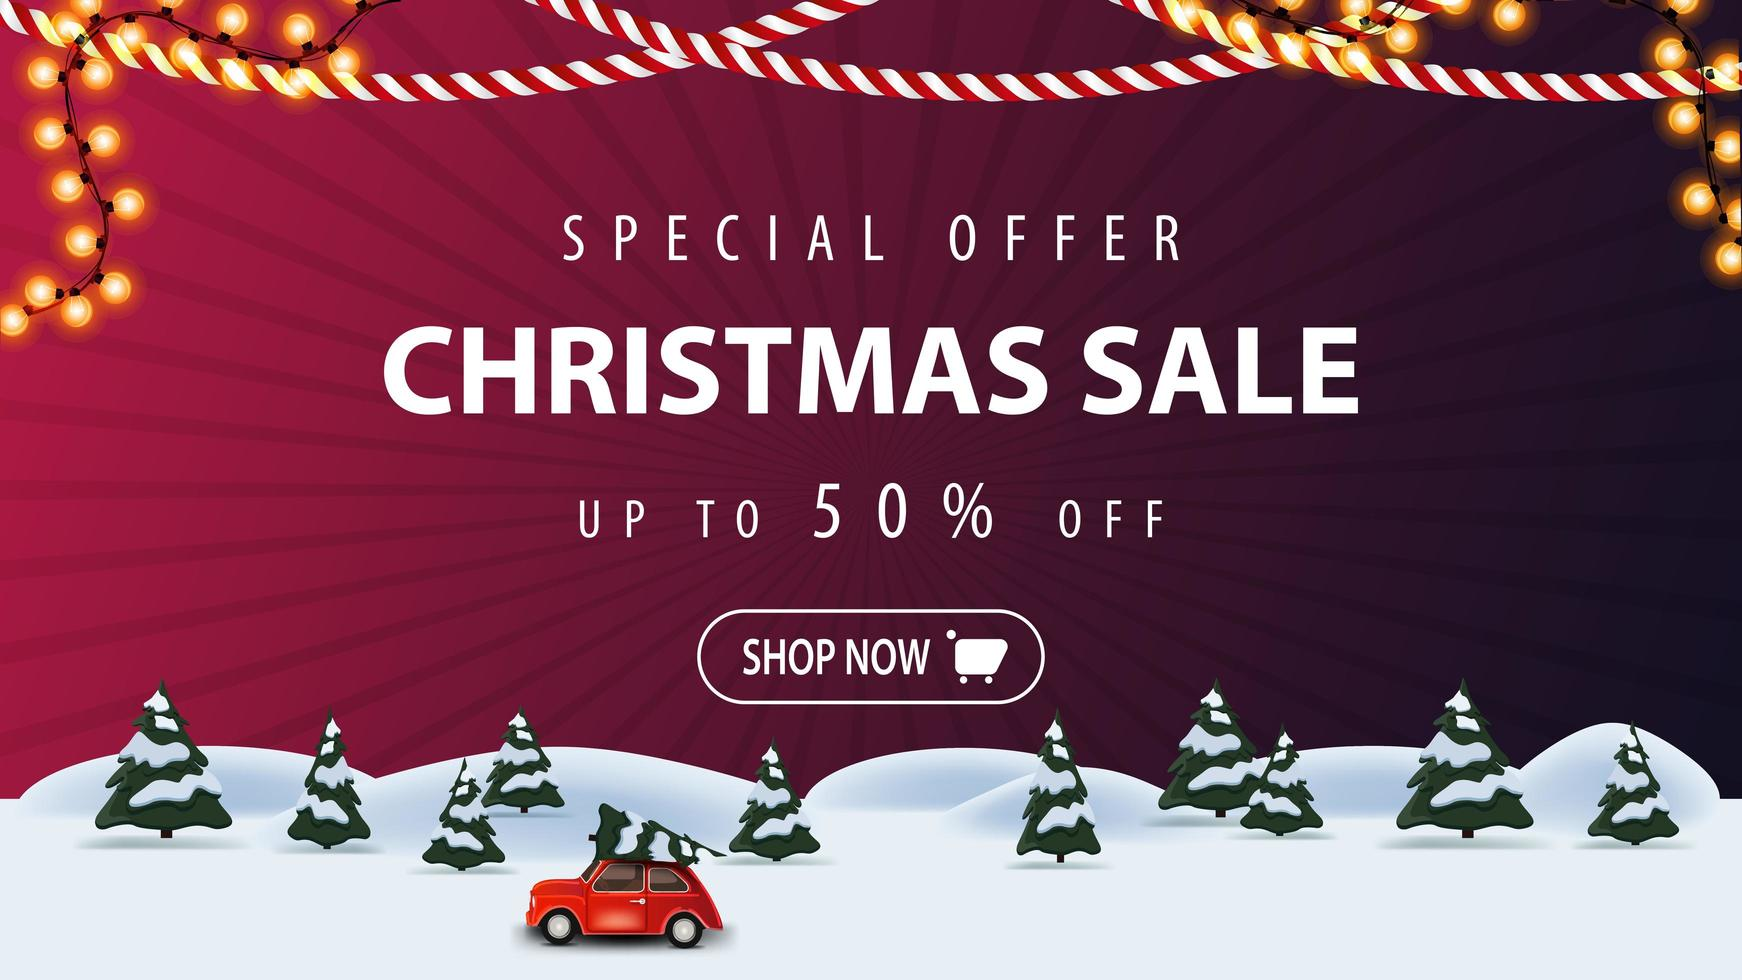 oferta especial, venta de navidad, hasta 50 de descuento, banner de descuento morado con paisaje invernal de dibujos animados con un coche rojo de época con un árbol de navidad vector